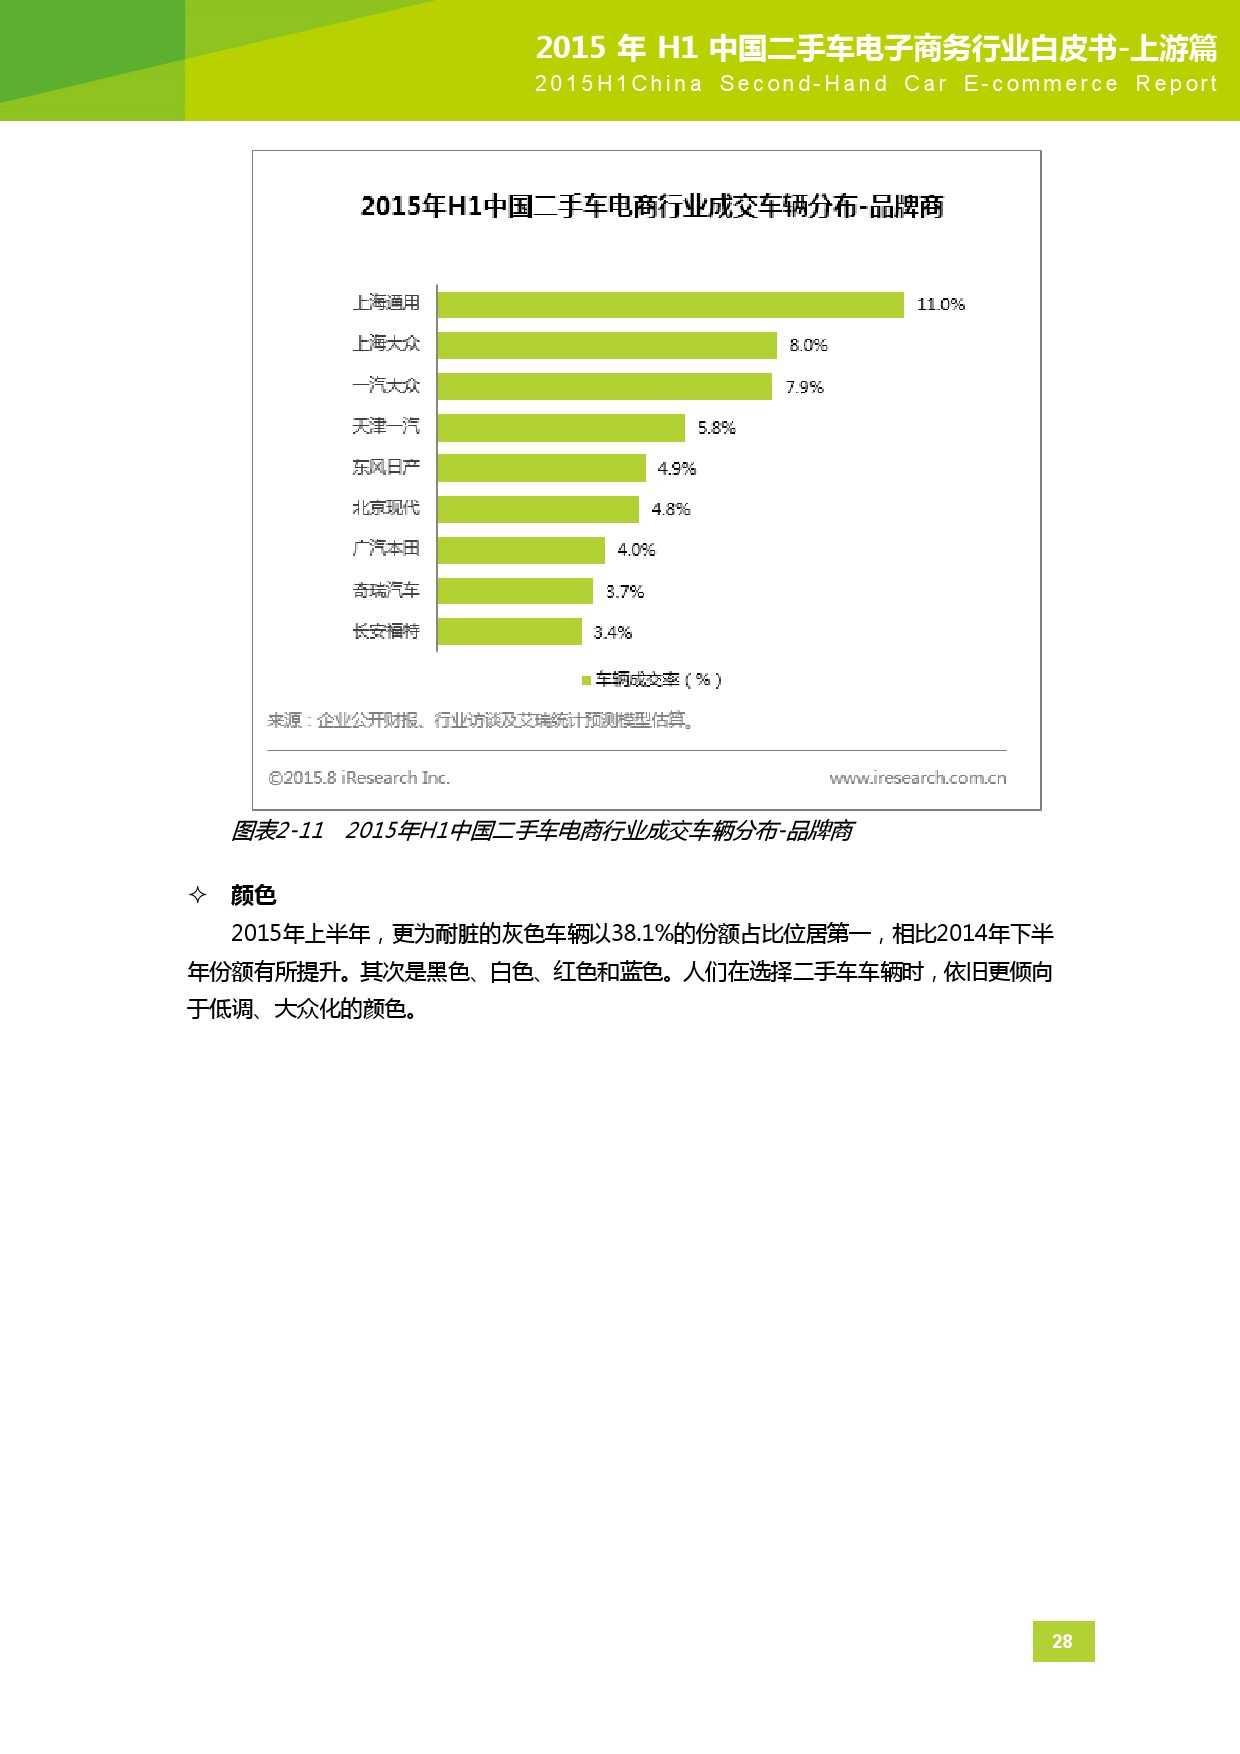 2015年中国二手车电子商务行业白皮书-上游篇_000029